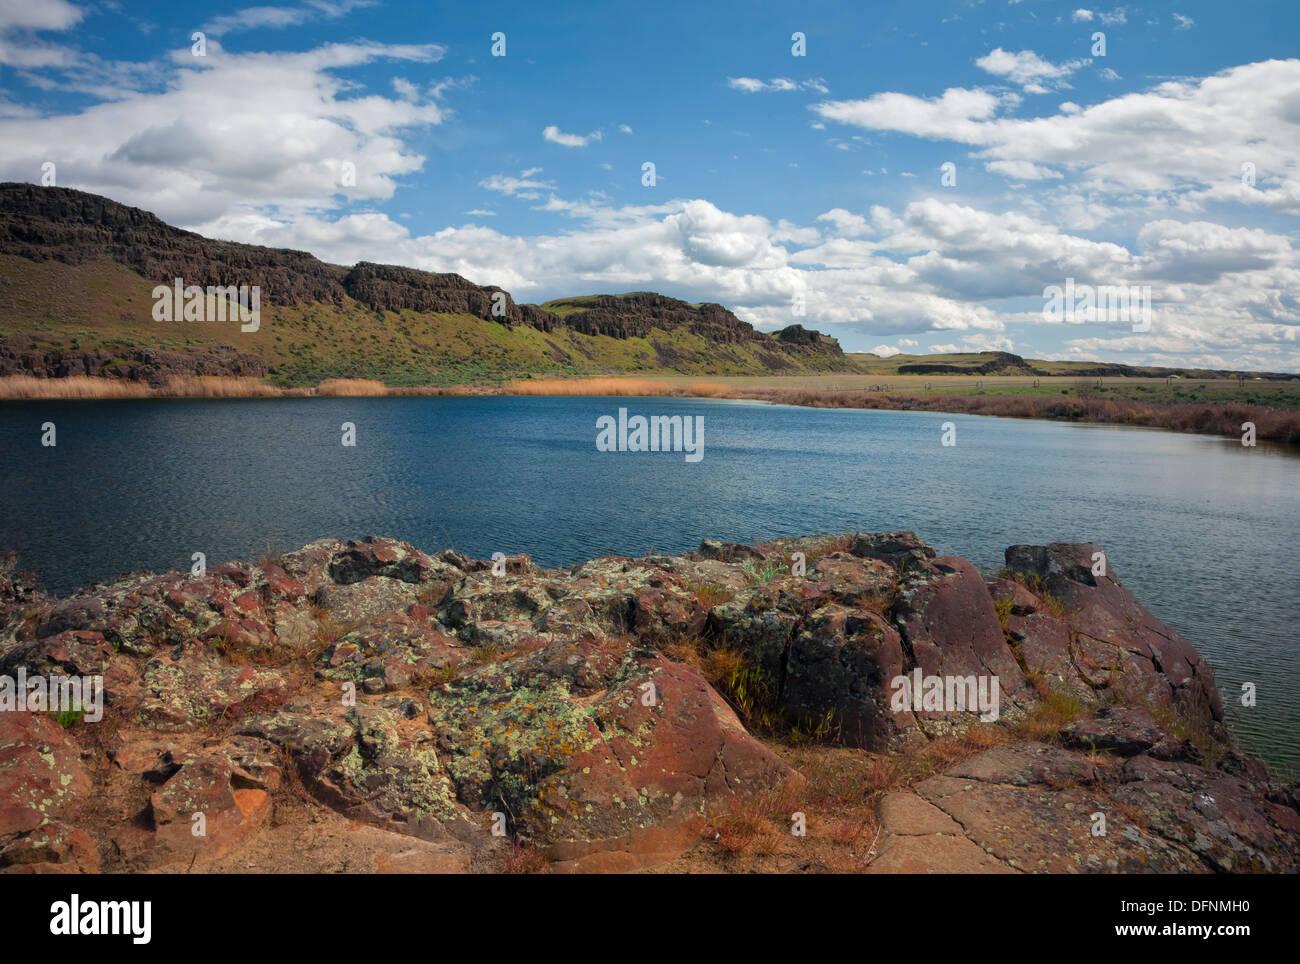 WASHINGTON - Small lake on the edge of the Columbia National Wildlife Refuge. - Stock Image